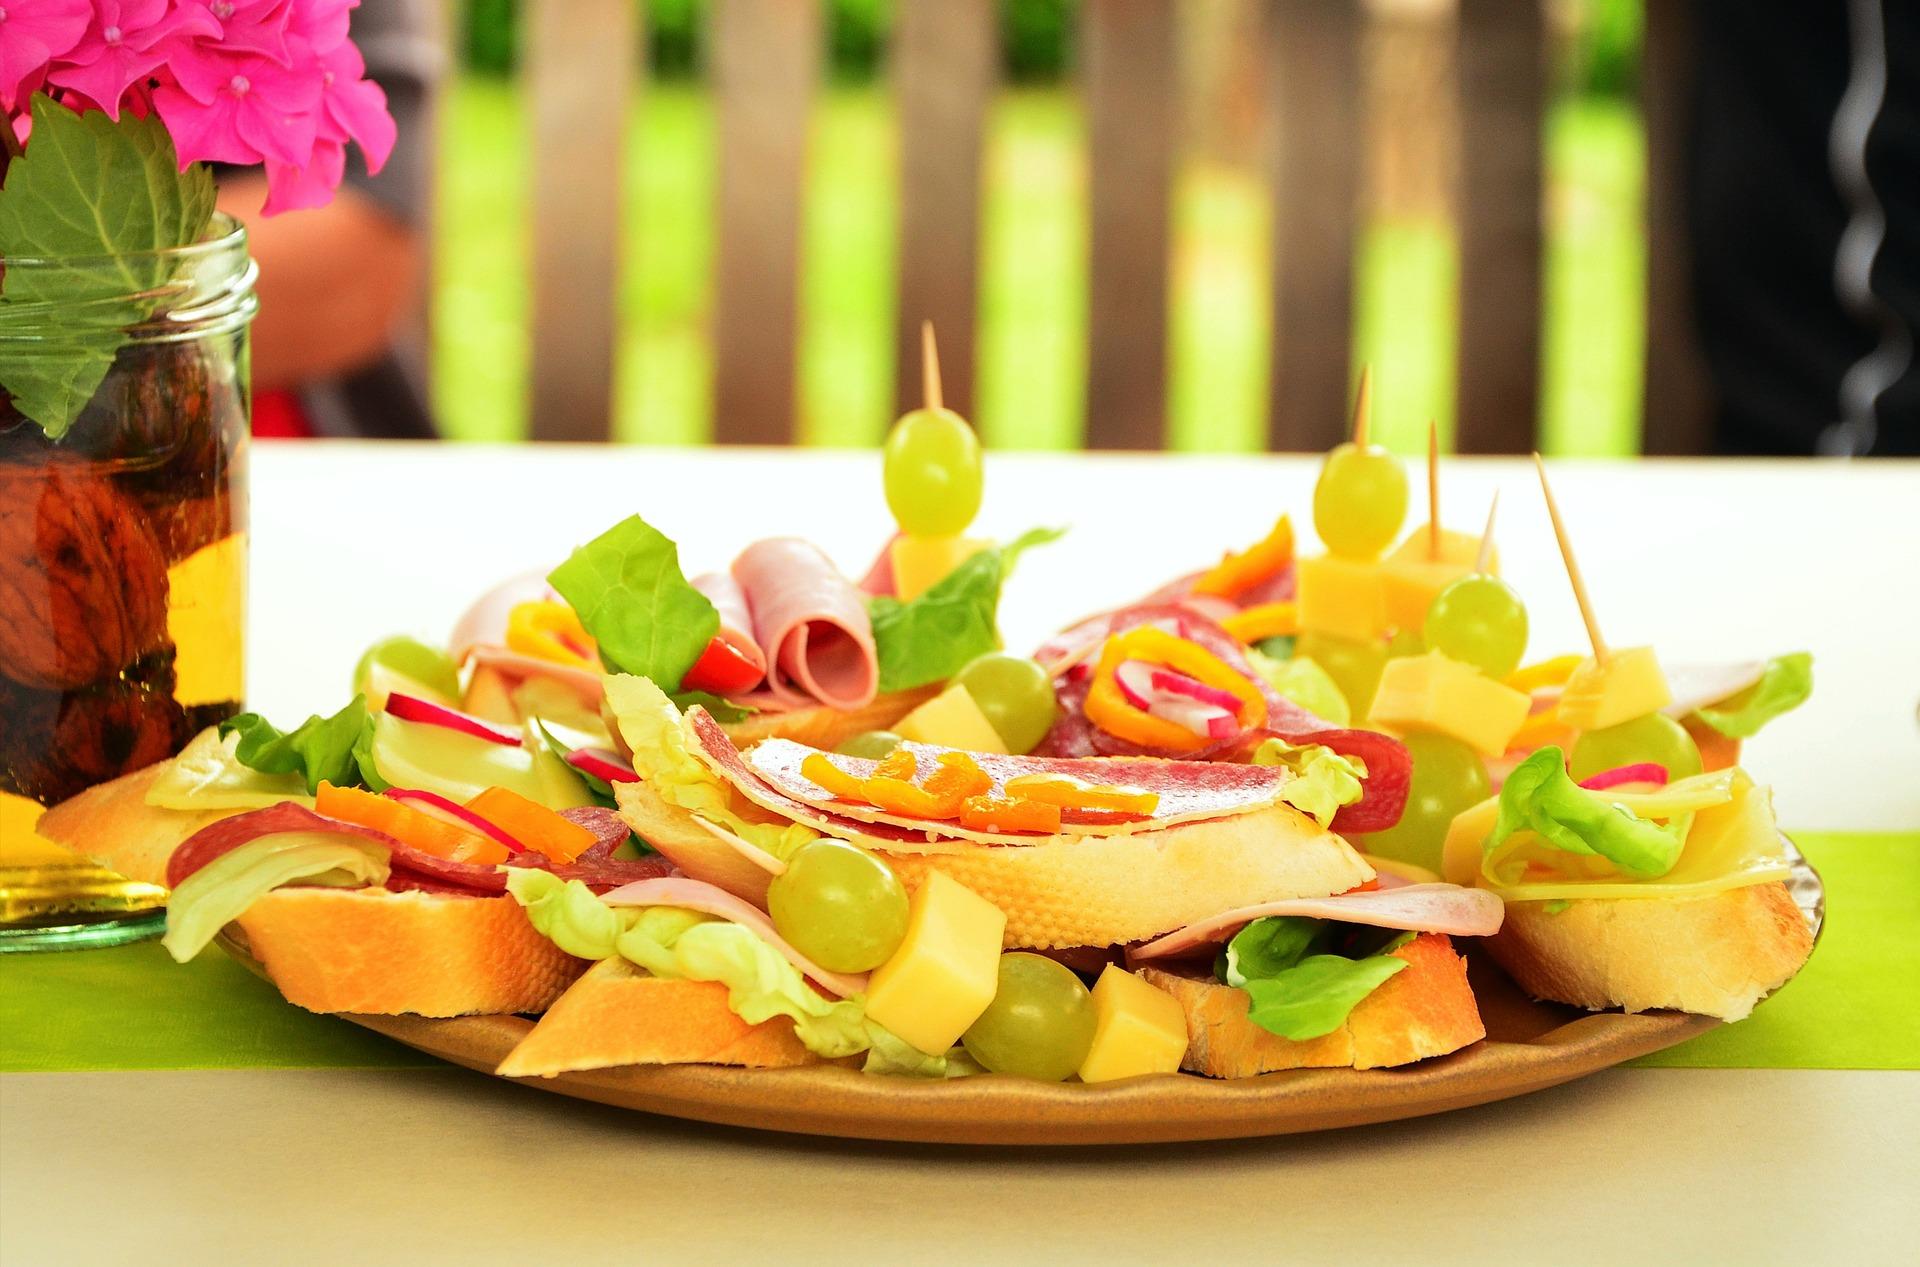 Nietuzinkowe kanapki. Jak zachęcić malucha do jedzenia śniadań?